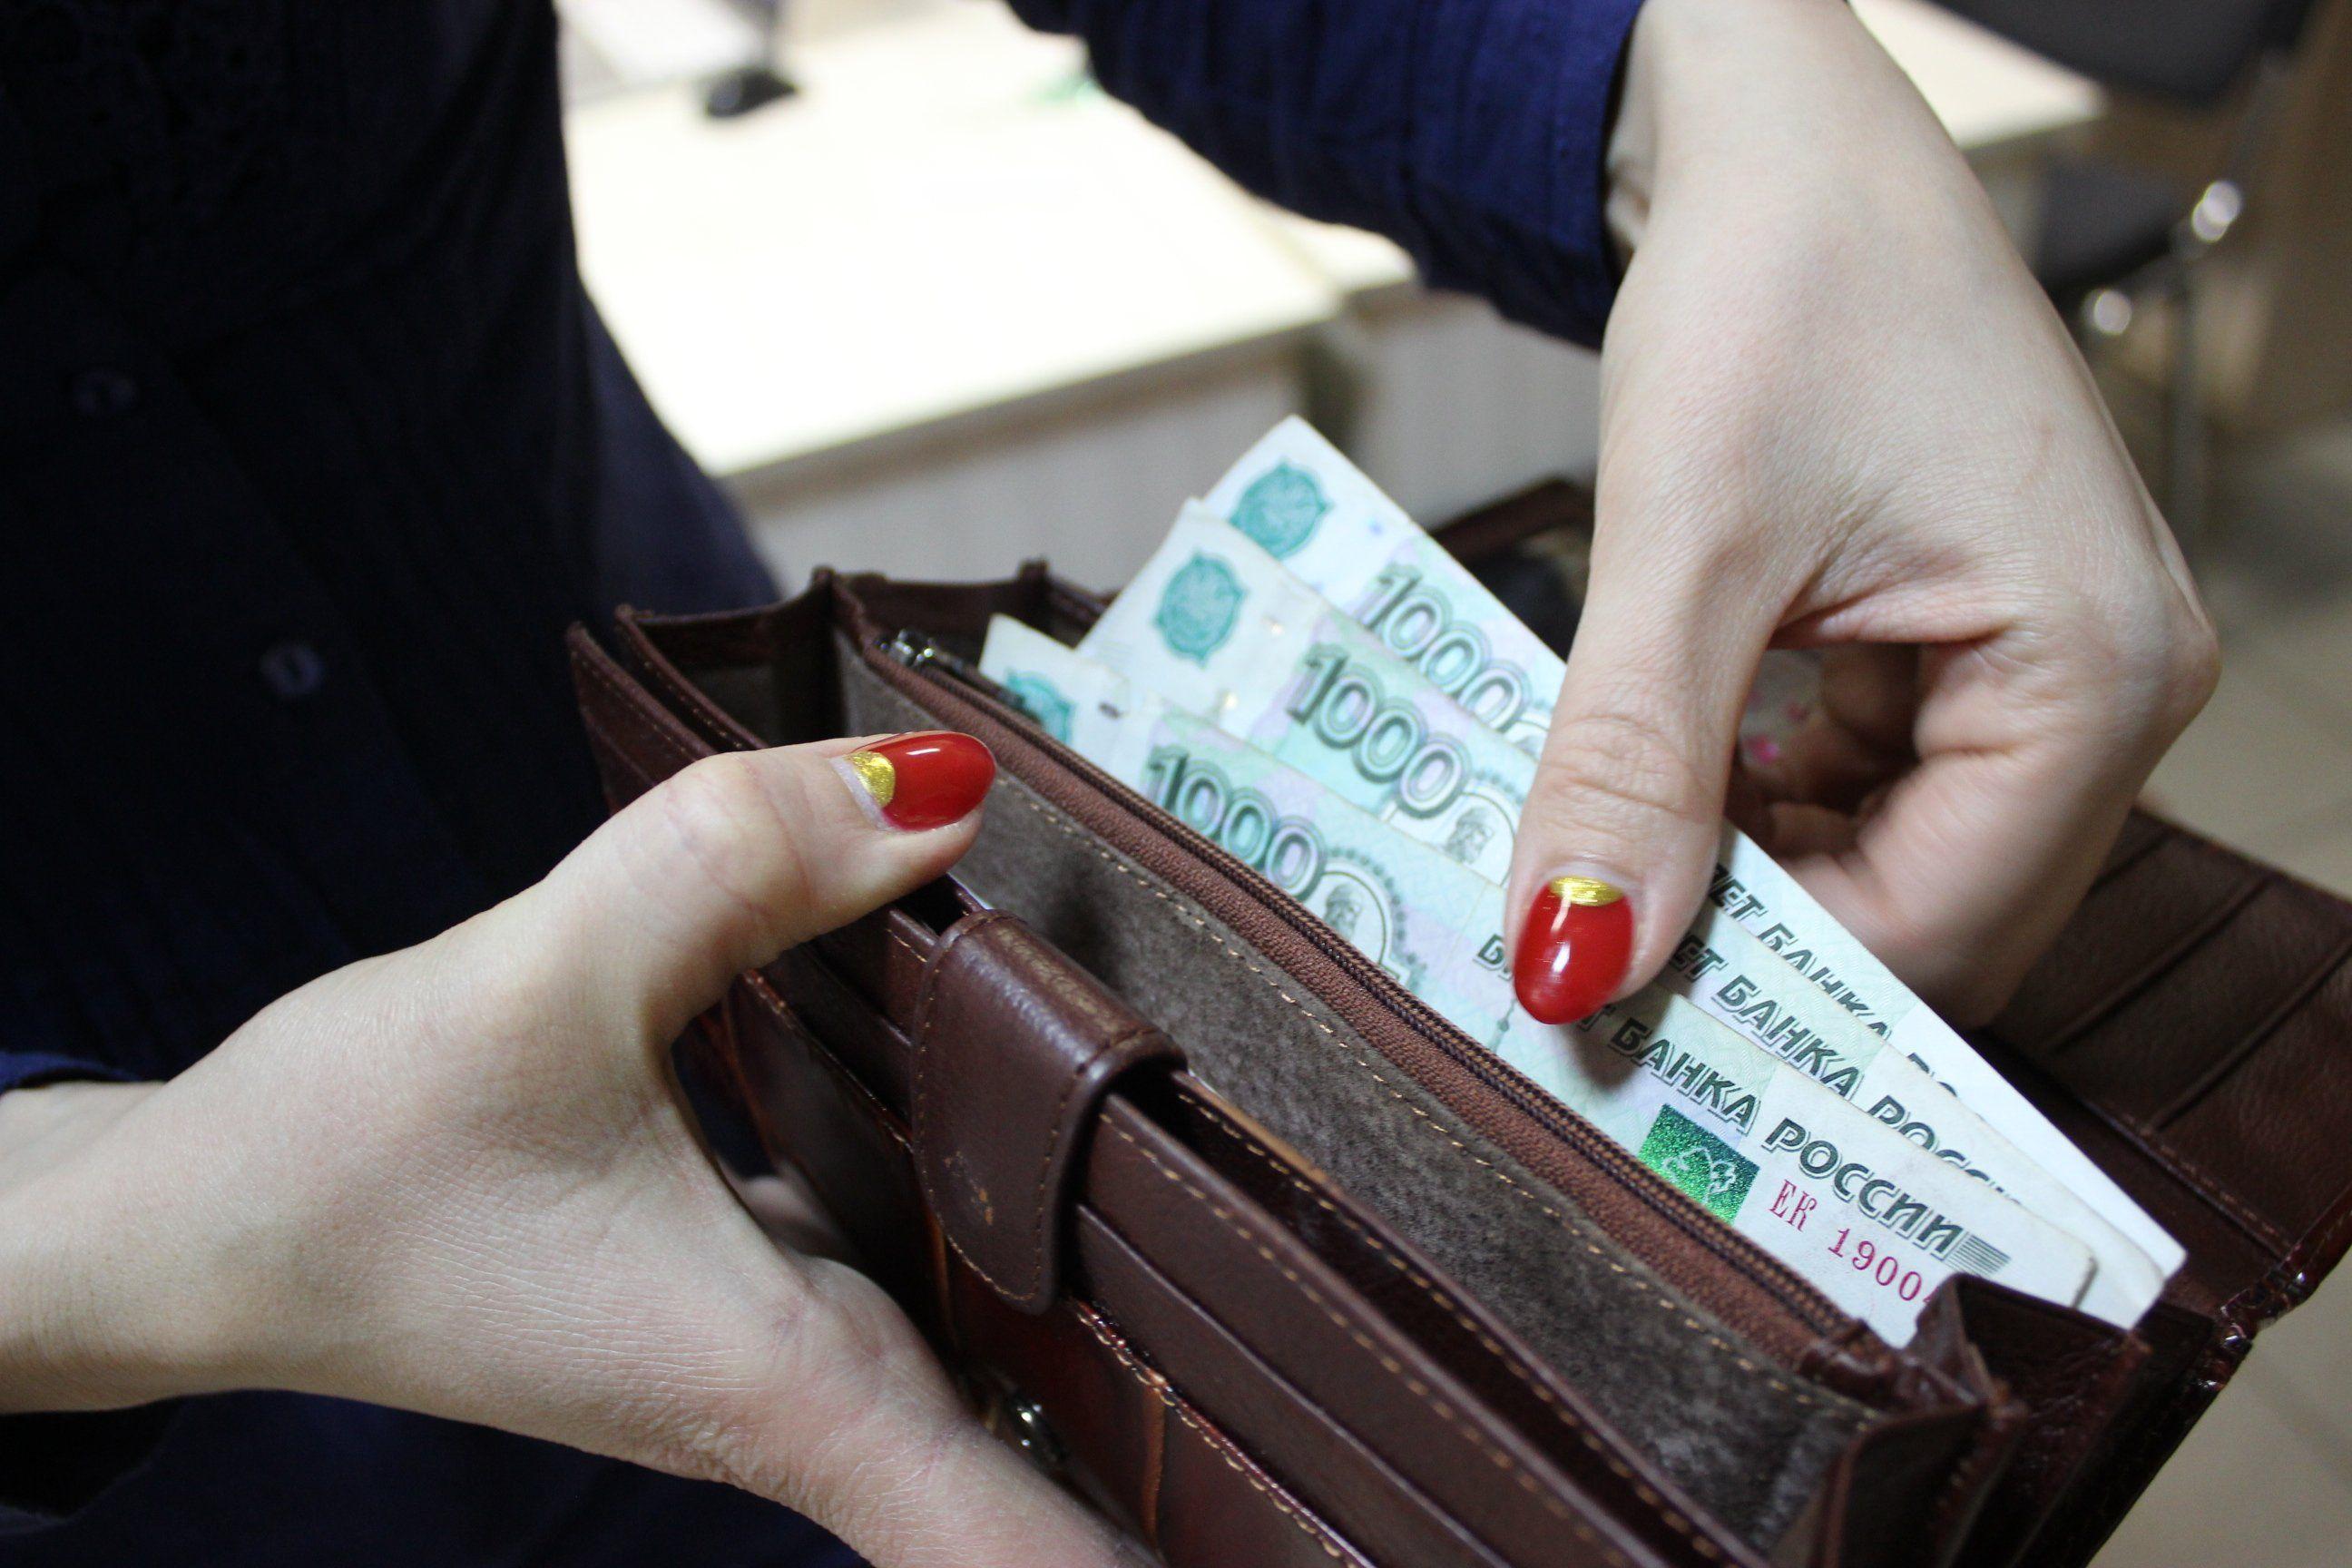 Краснодарстат: Среднемесячная заработная плата наКубани превосходит 30 тыс. руб.